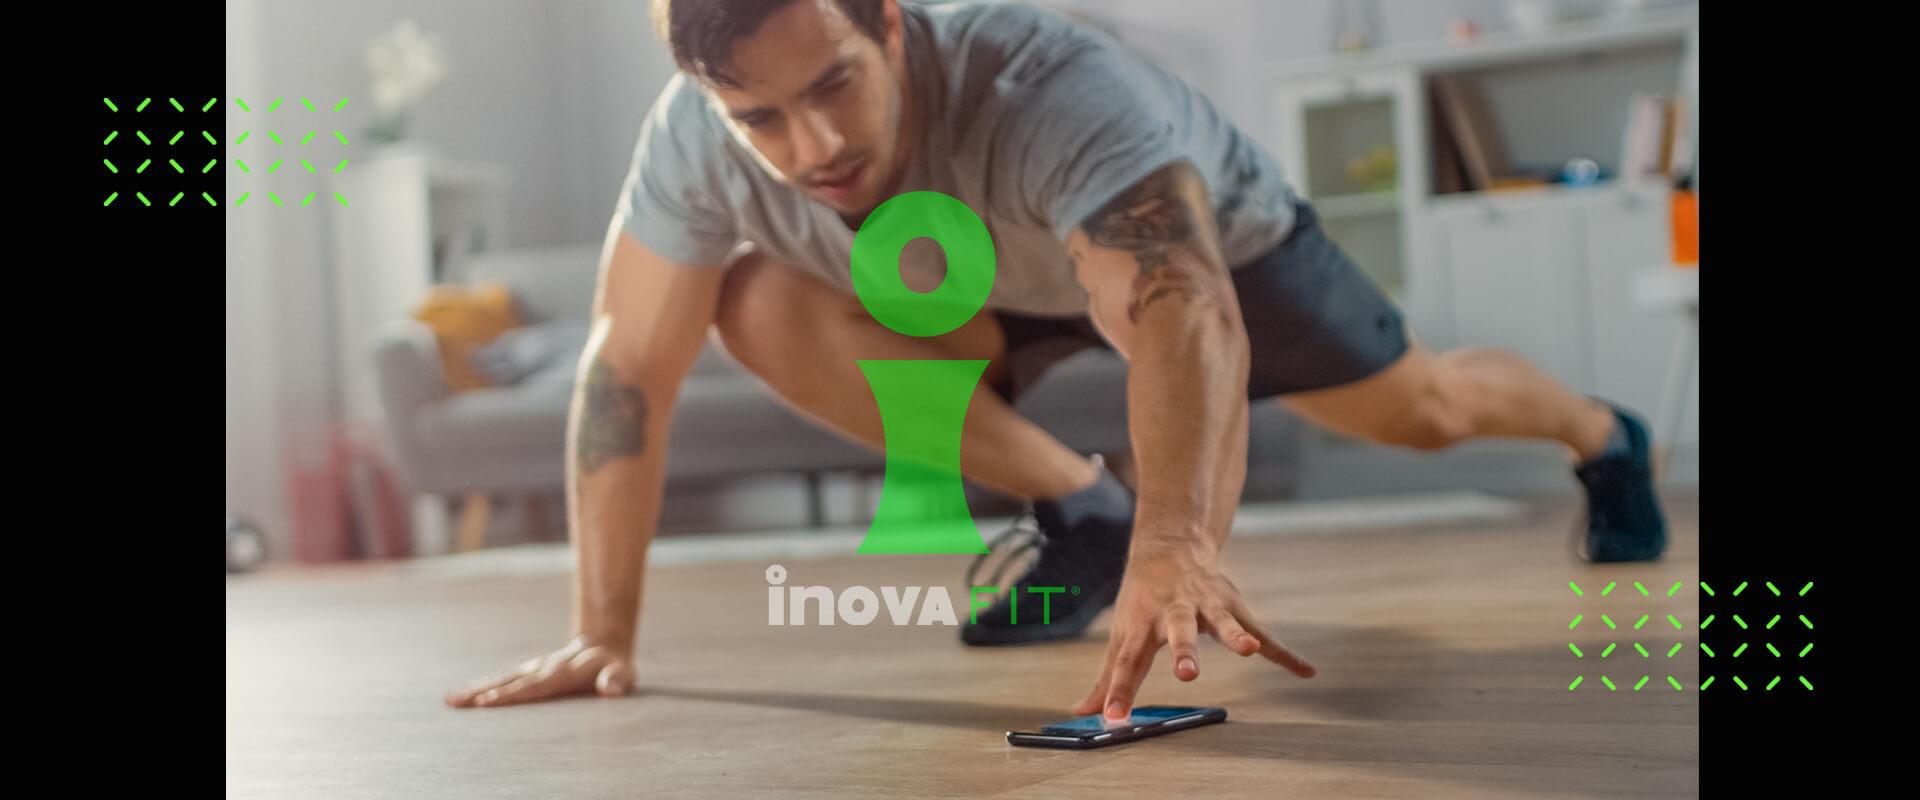 inovafit app y aparatos de ejercicio